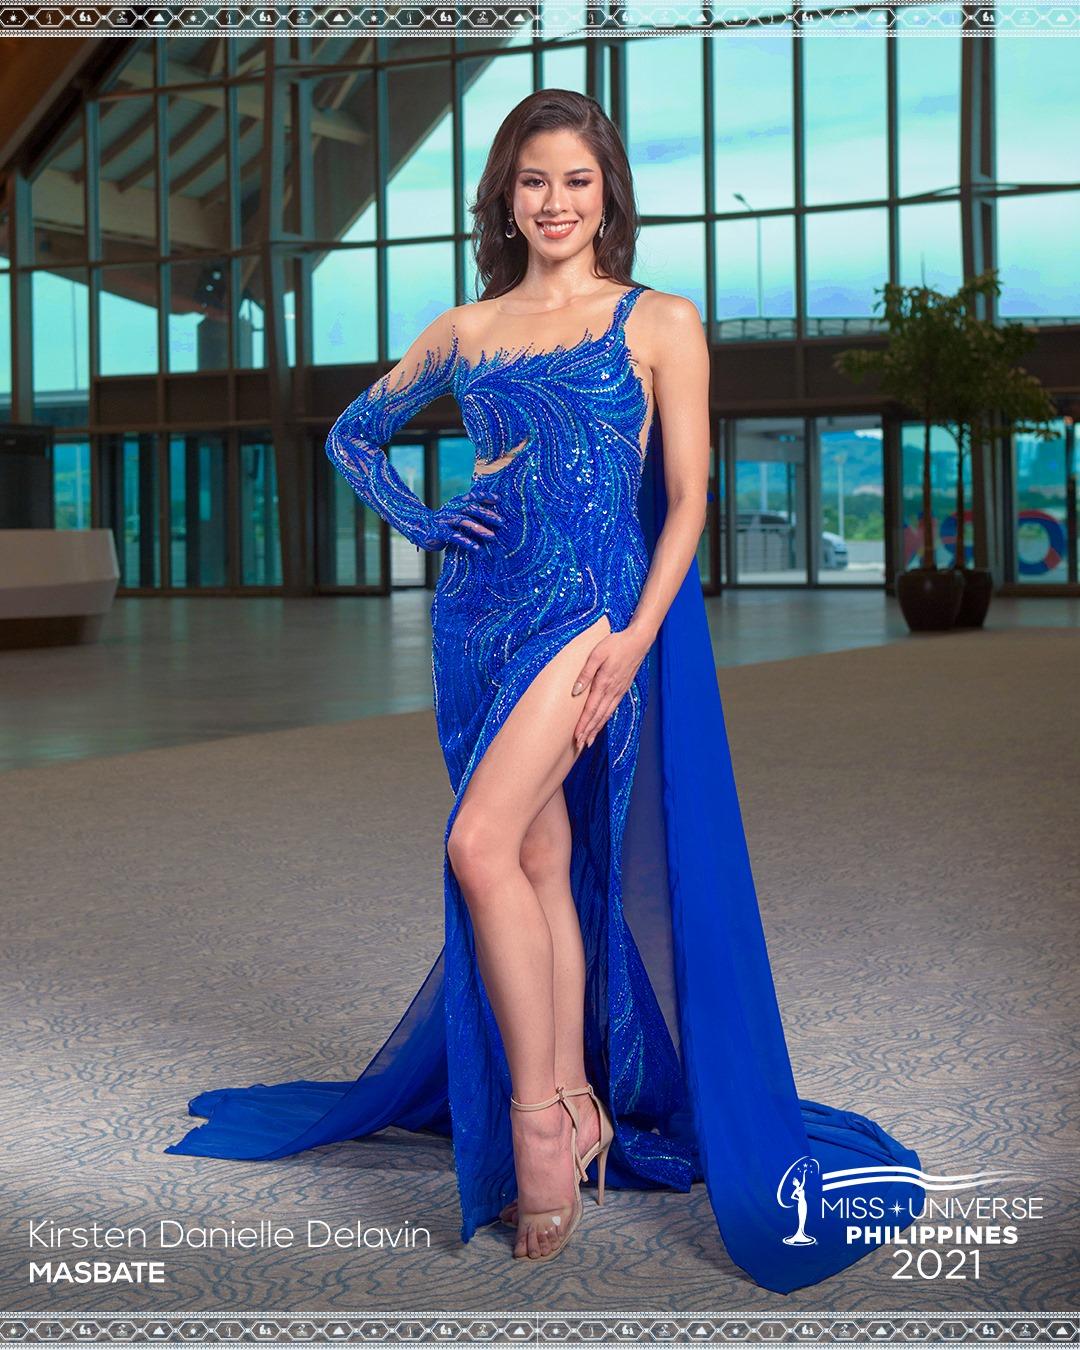 kirsten-danielle-delavin-miss-universe-masbate-evening-gown